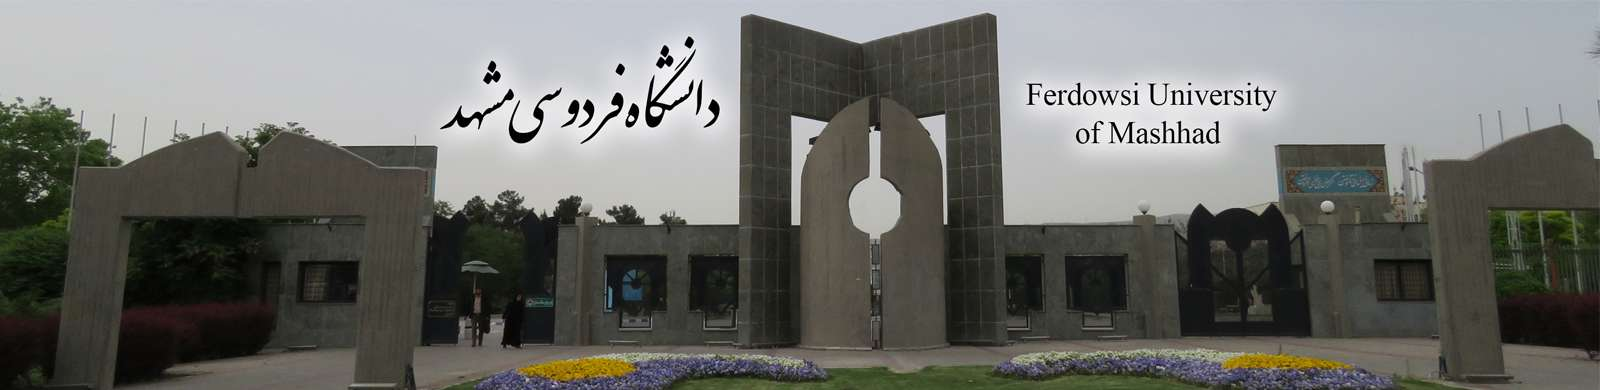 دانشگاه فردوسی مشهد,دانشگاه فردوسی,عکس دانشگاه فردوسی